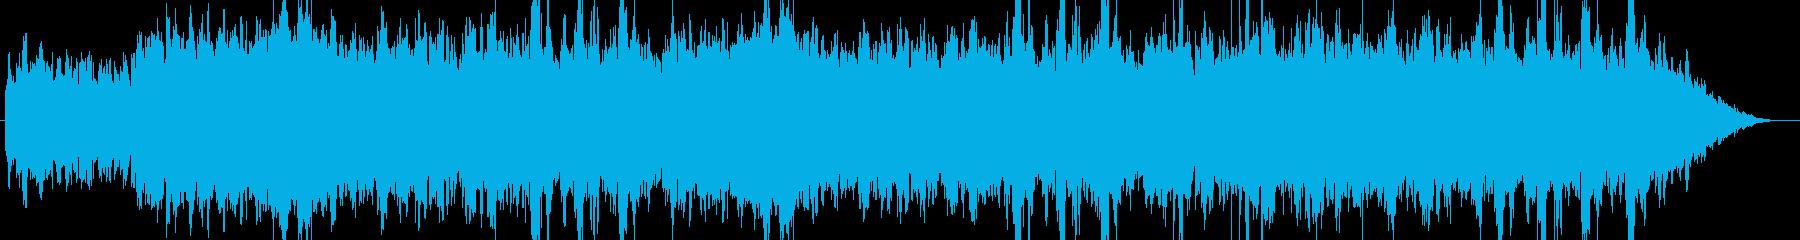 寒く冷たい雰囲気のエレピ曲の再生済みの波形